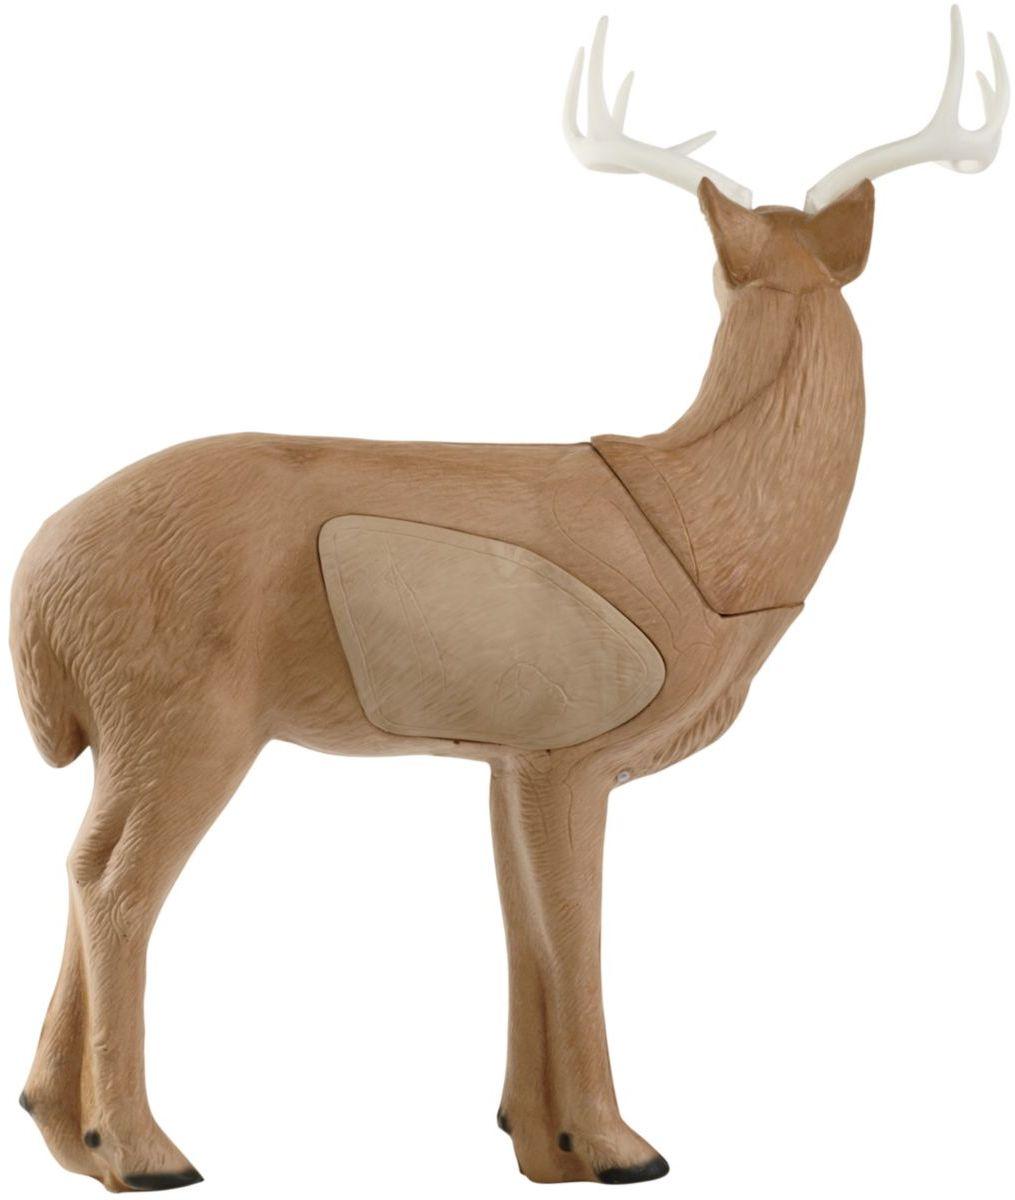 BlackOut® Deer 3-D Target